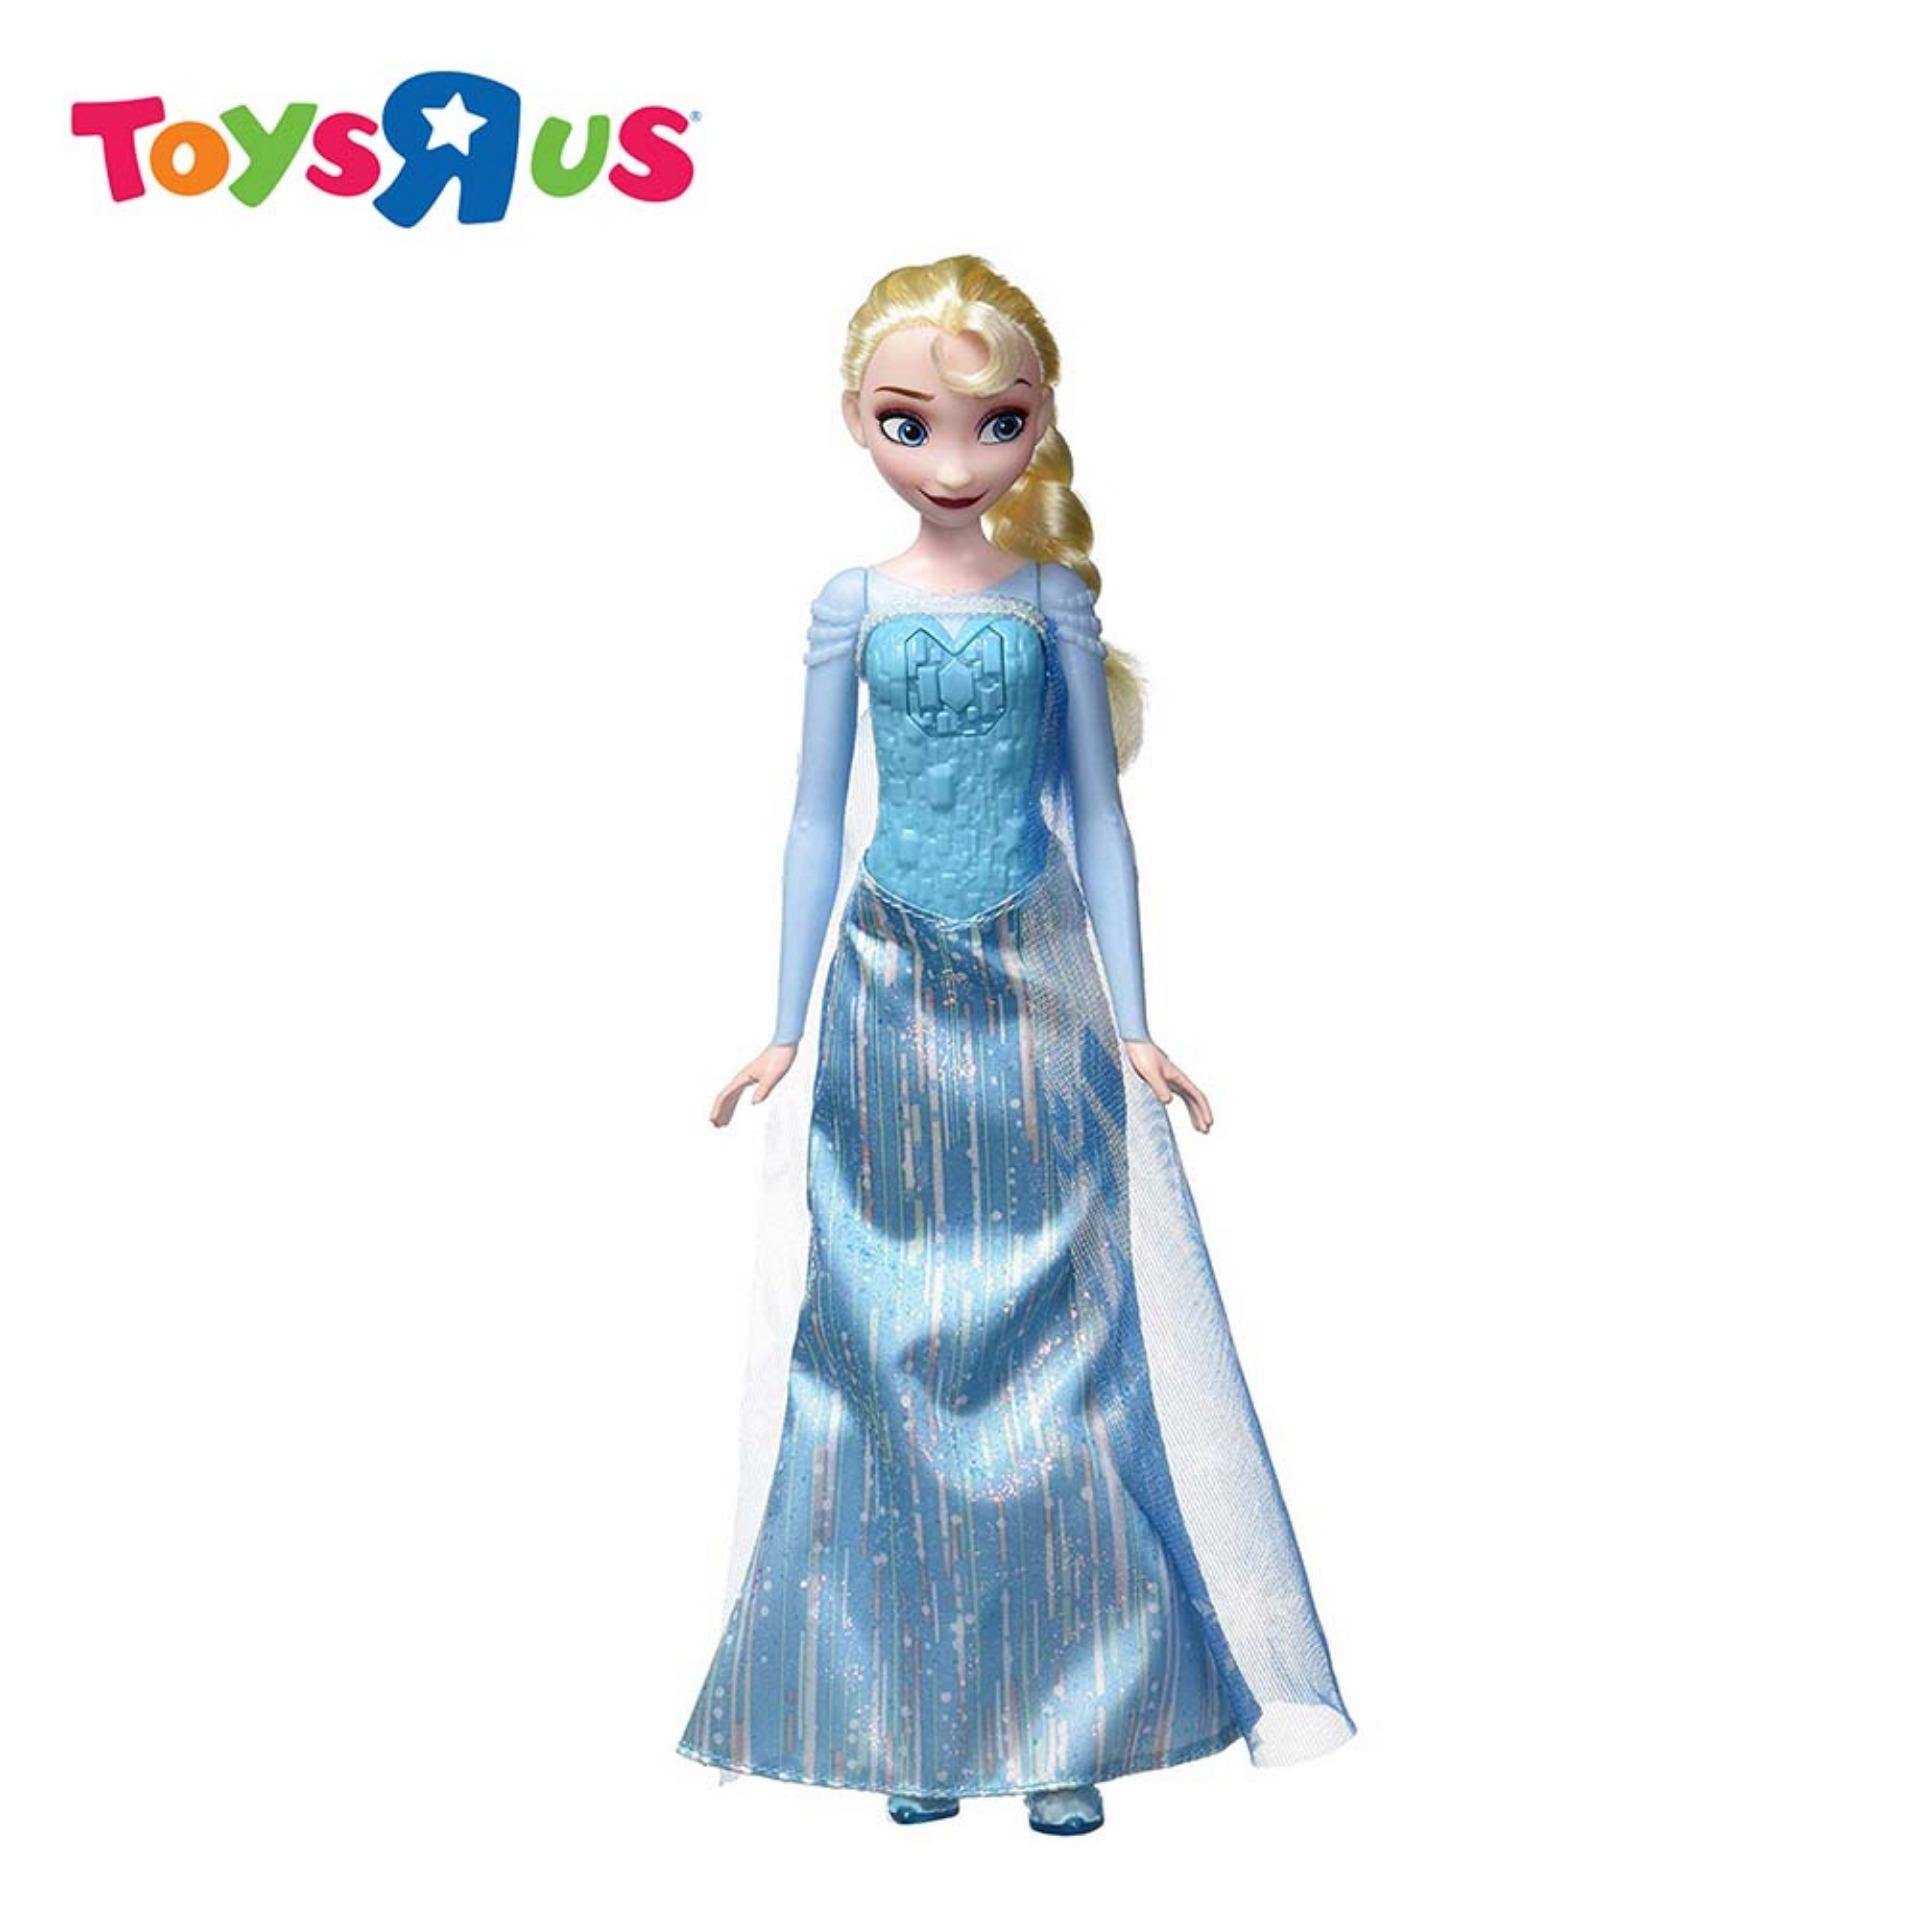 ba428a84ffd Disney Frozen Philippines  Disney Frozen price list - Toys